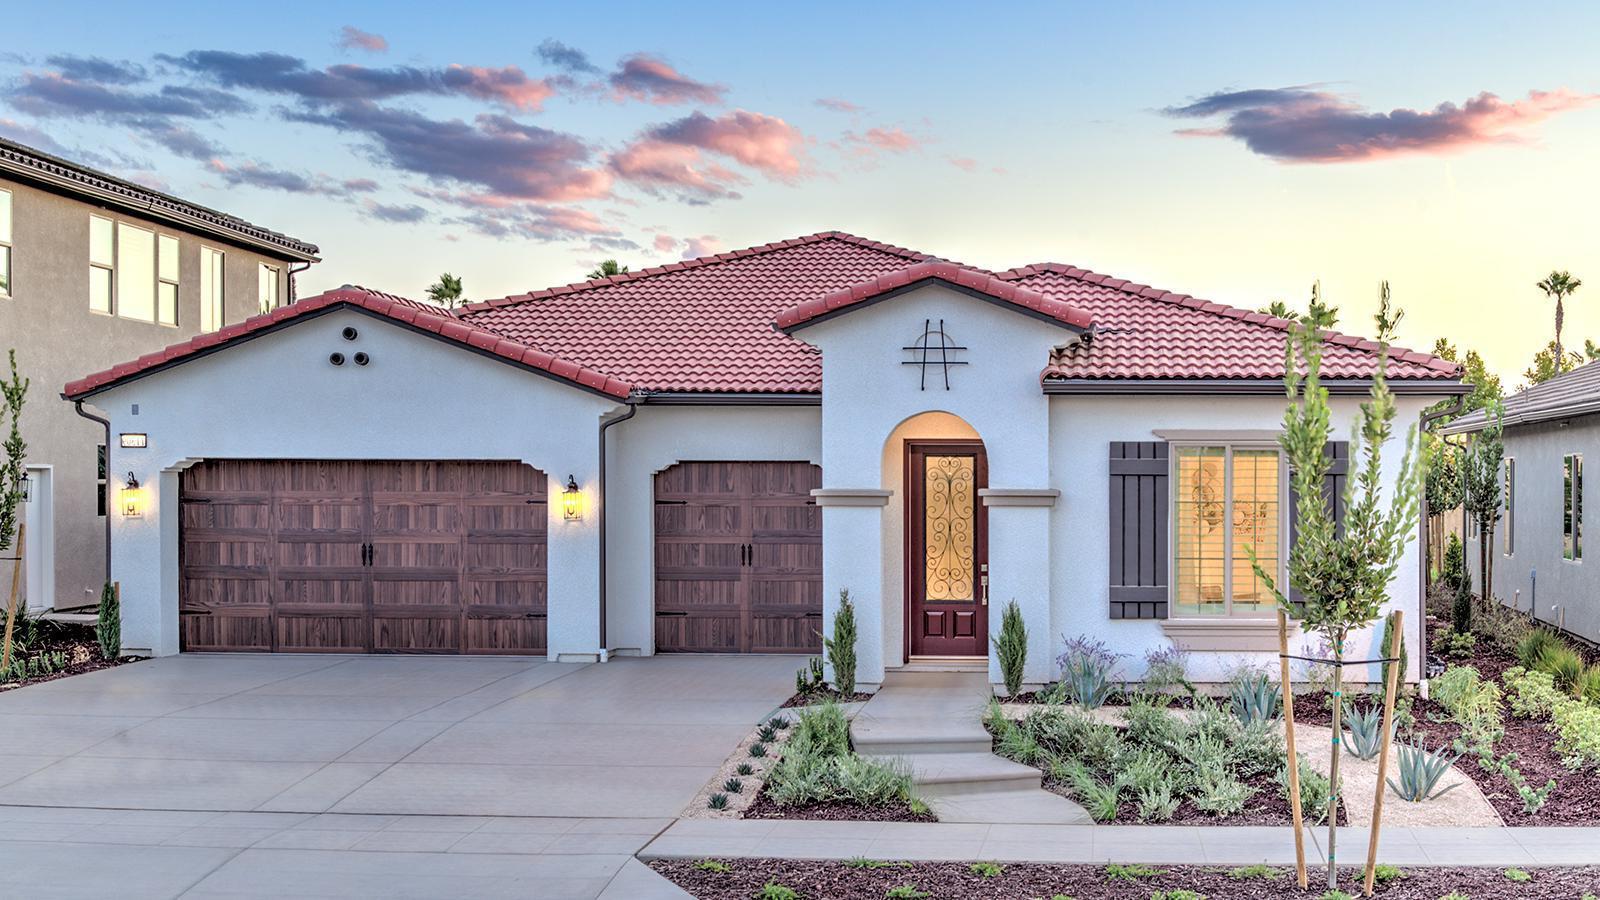 Avery - Spanish Exterior:Similar Home